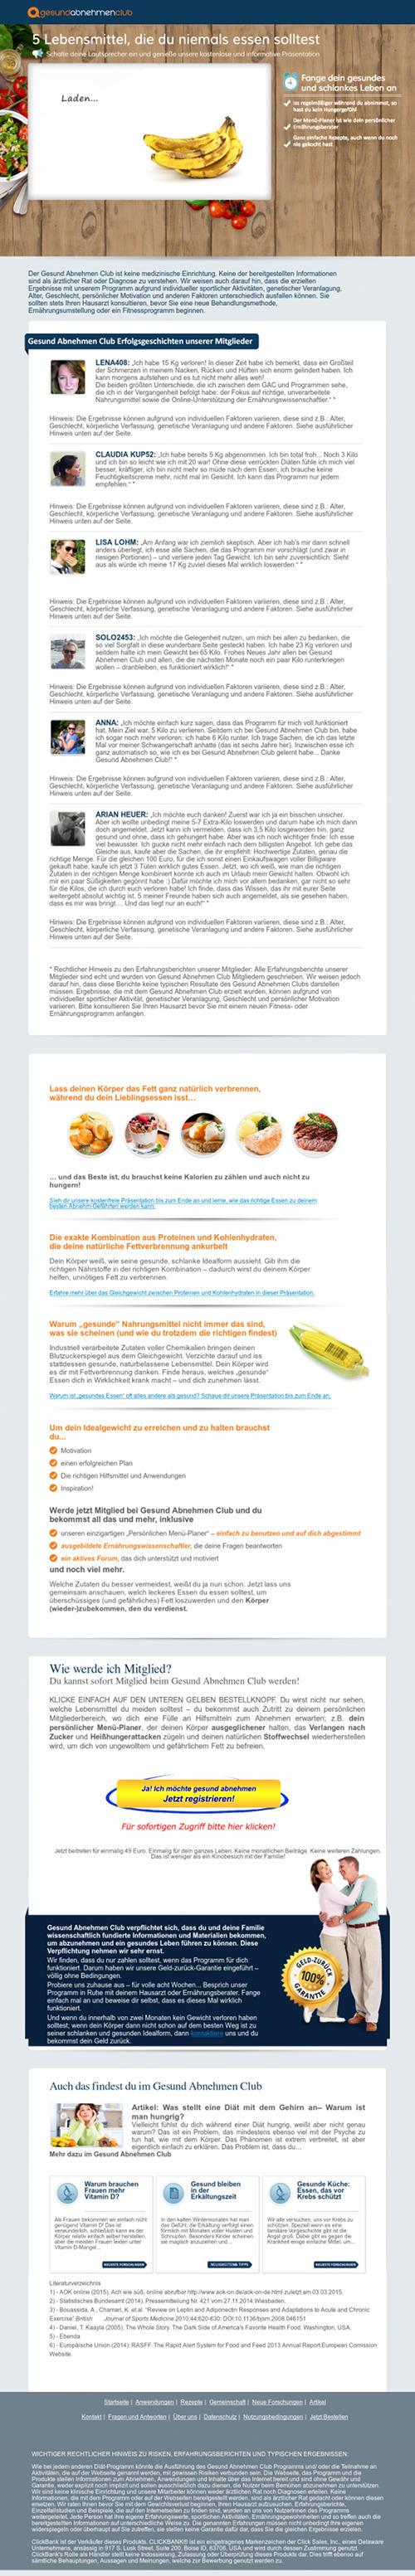 Screenshot der mit Spam beworbenen Website Gesund Abnehmen Club